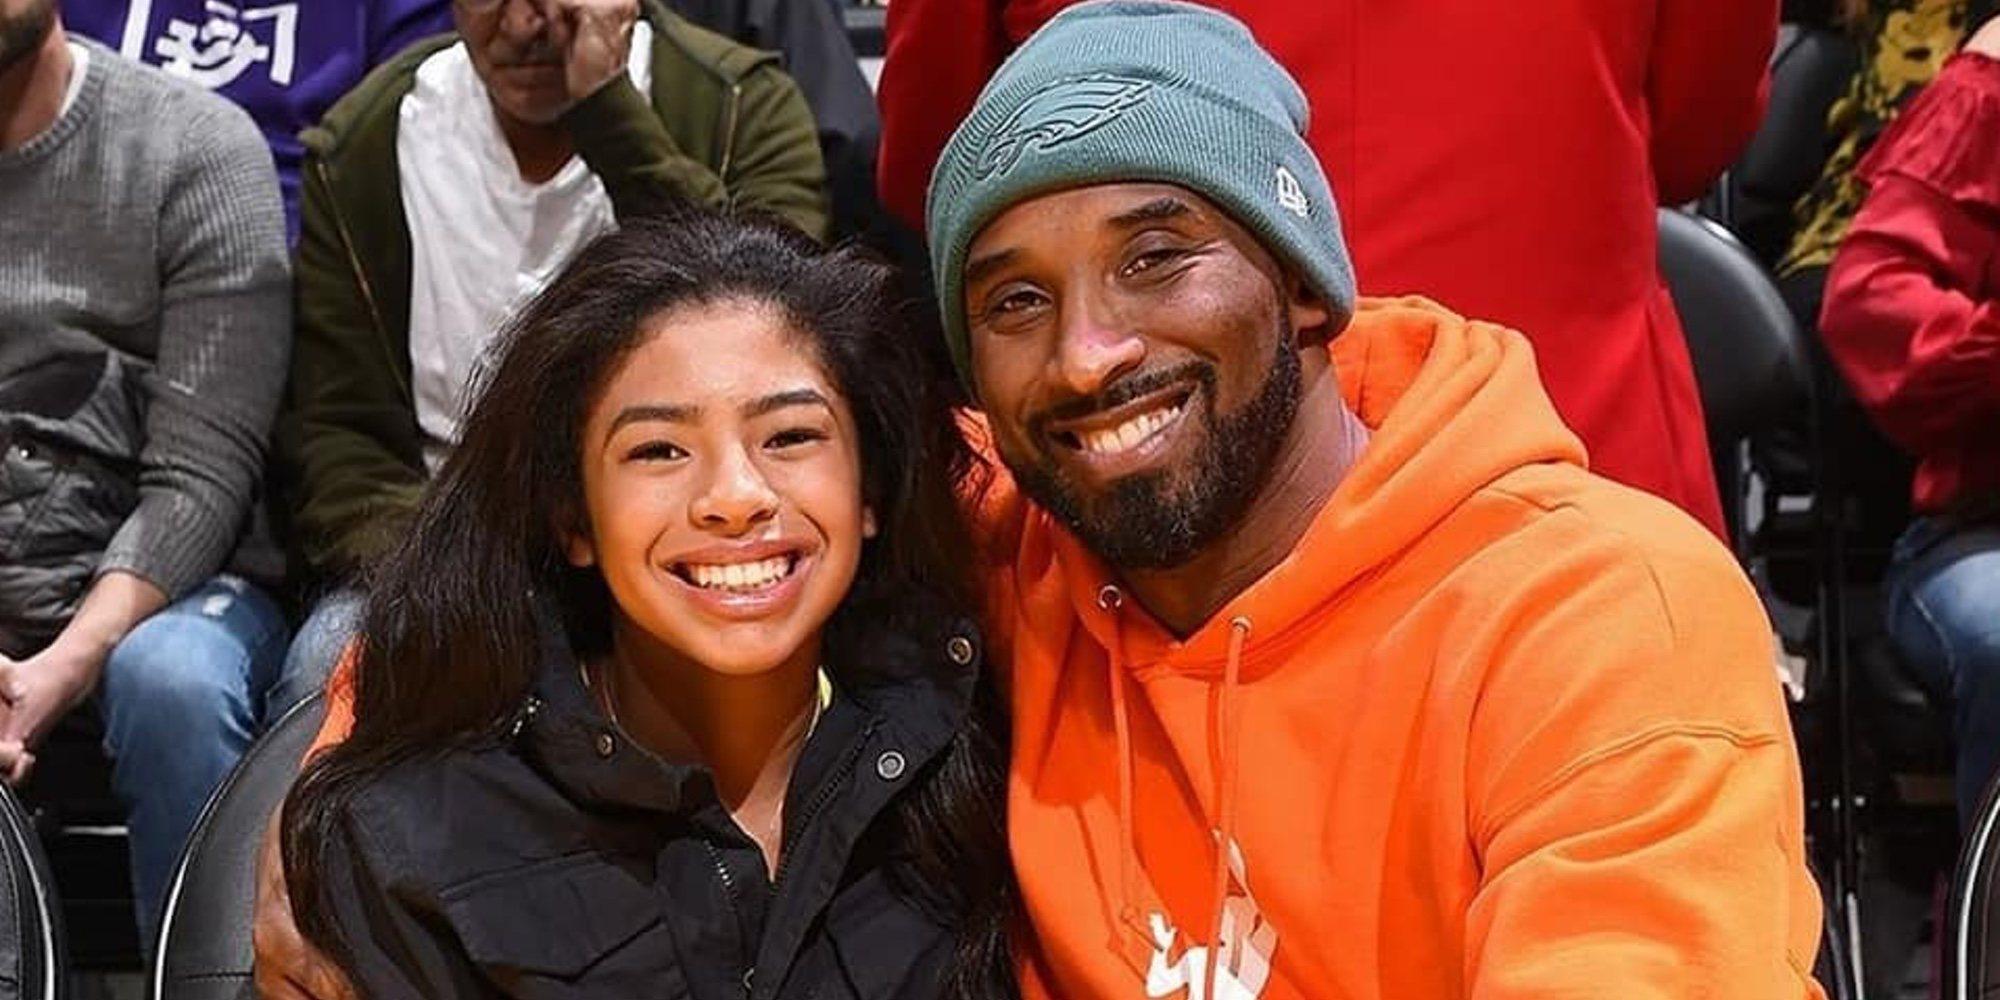 El homenaje de Usher y Los Angeles Lakers a Kobe Bryant y su hija Gianna en el Staples Center